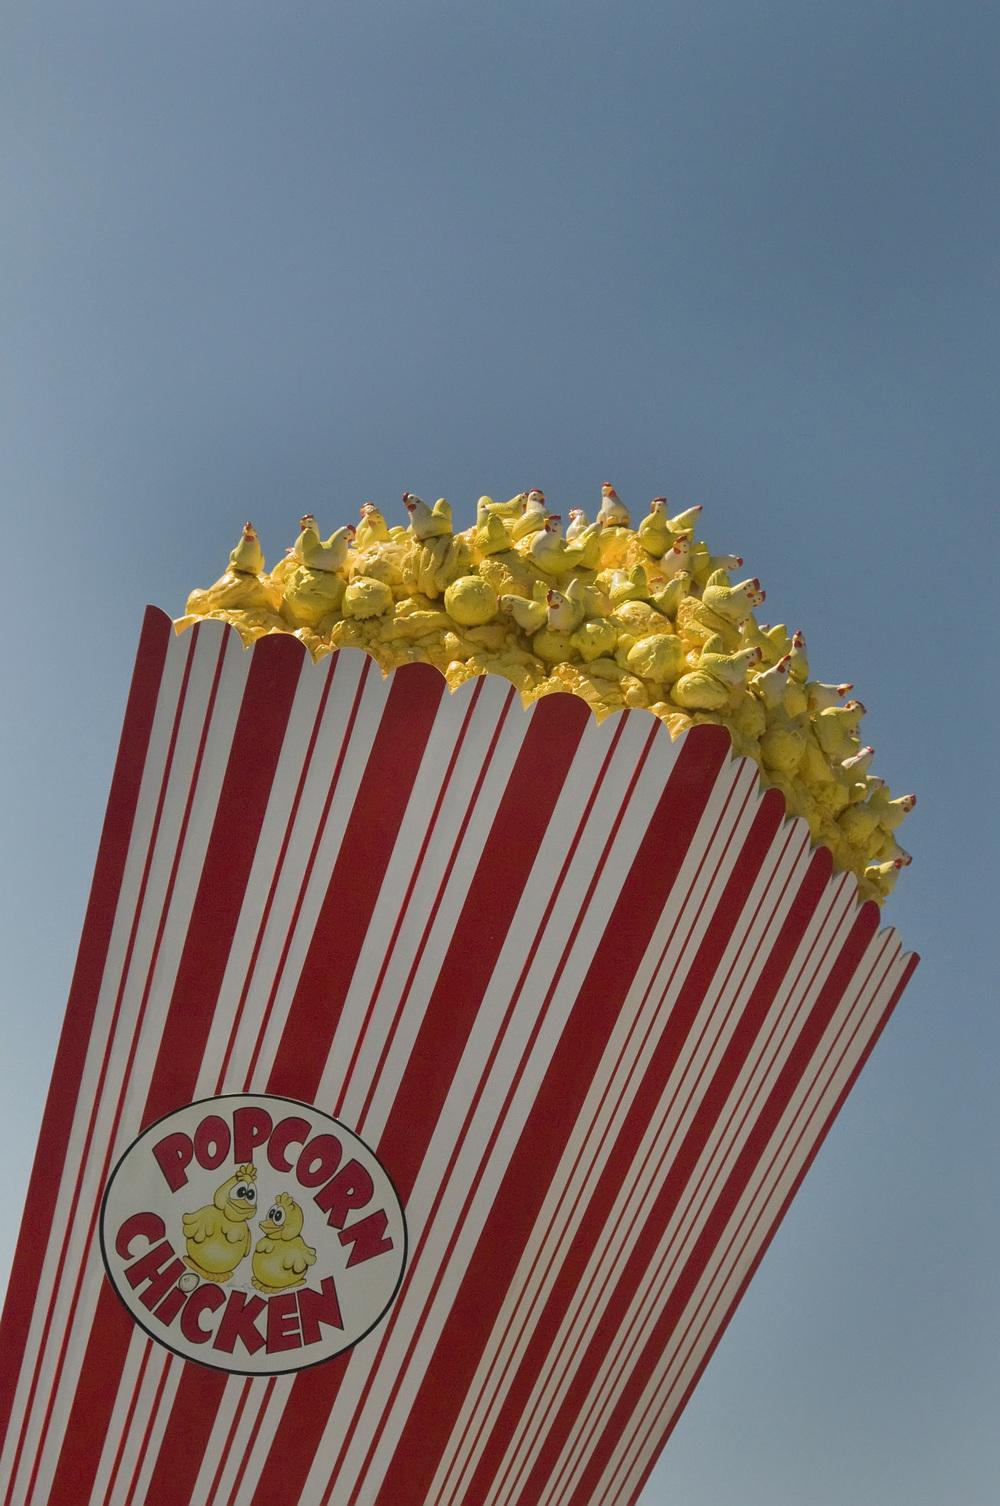 Popcorn sculpture San Diego